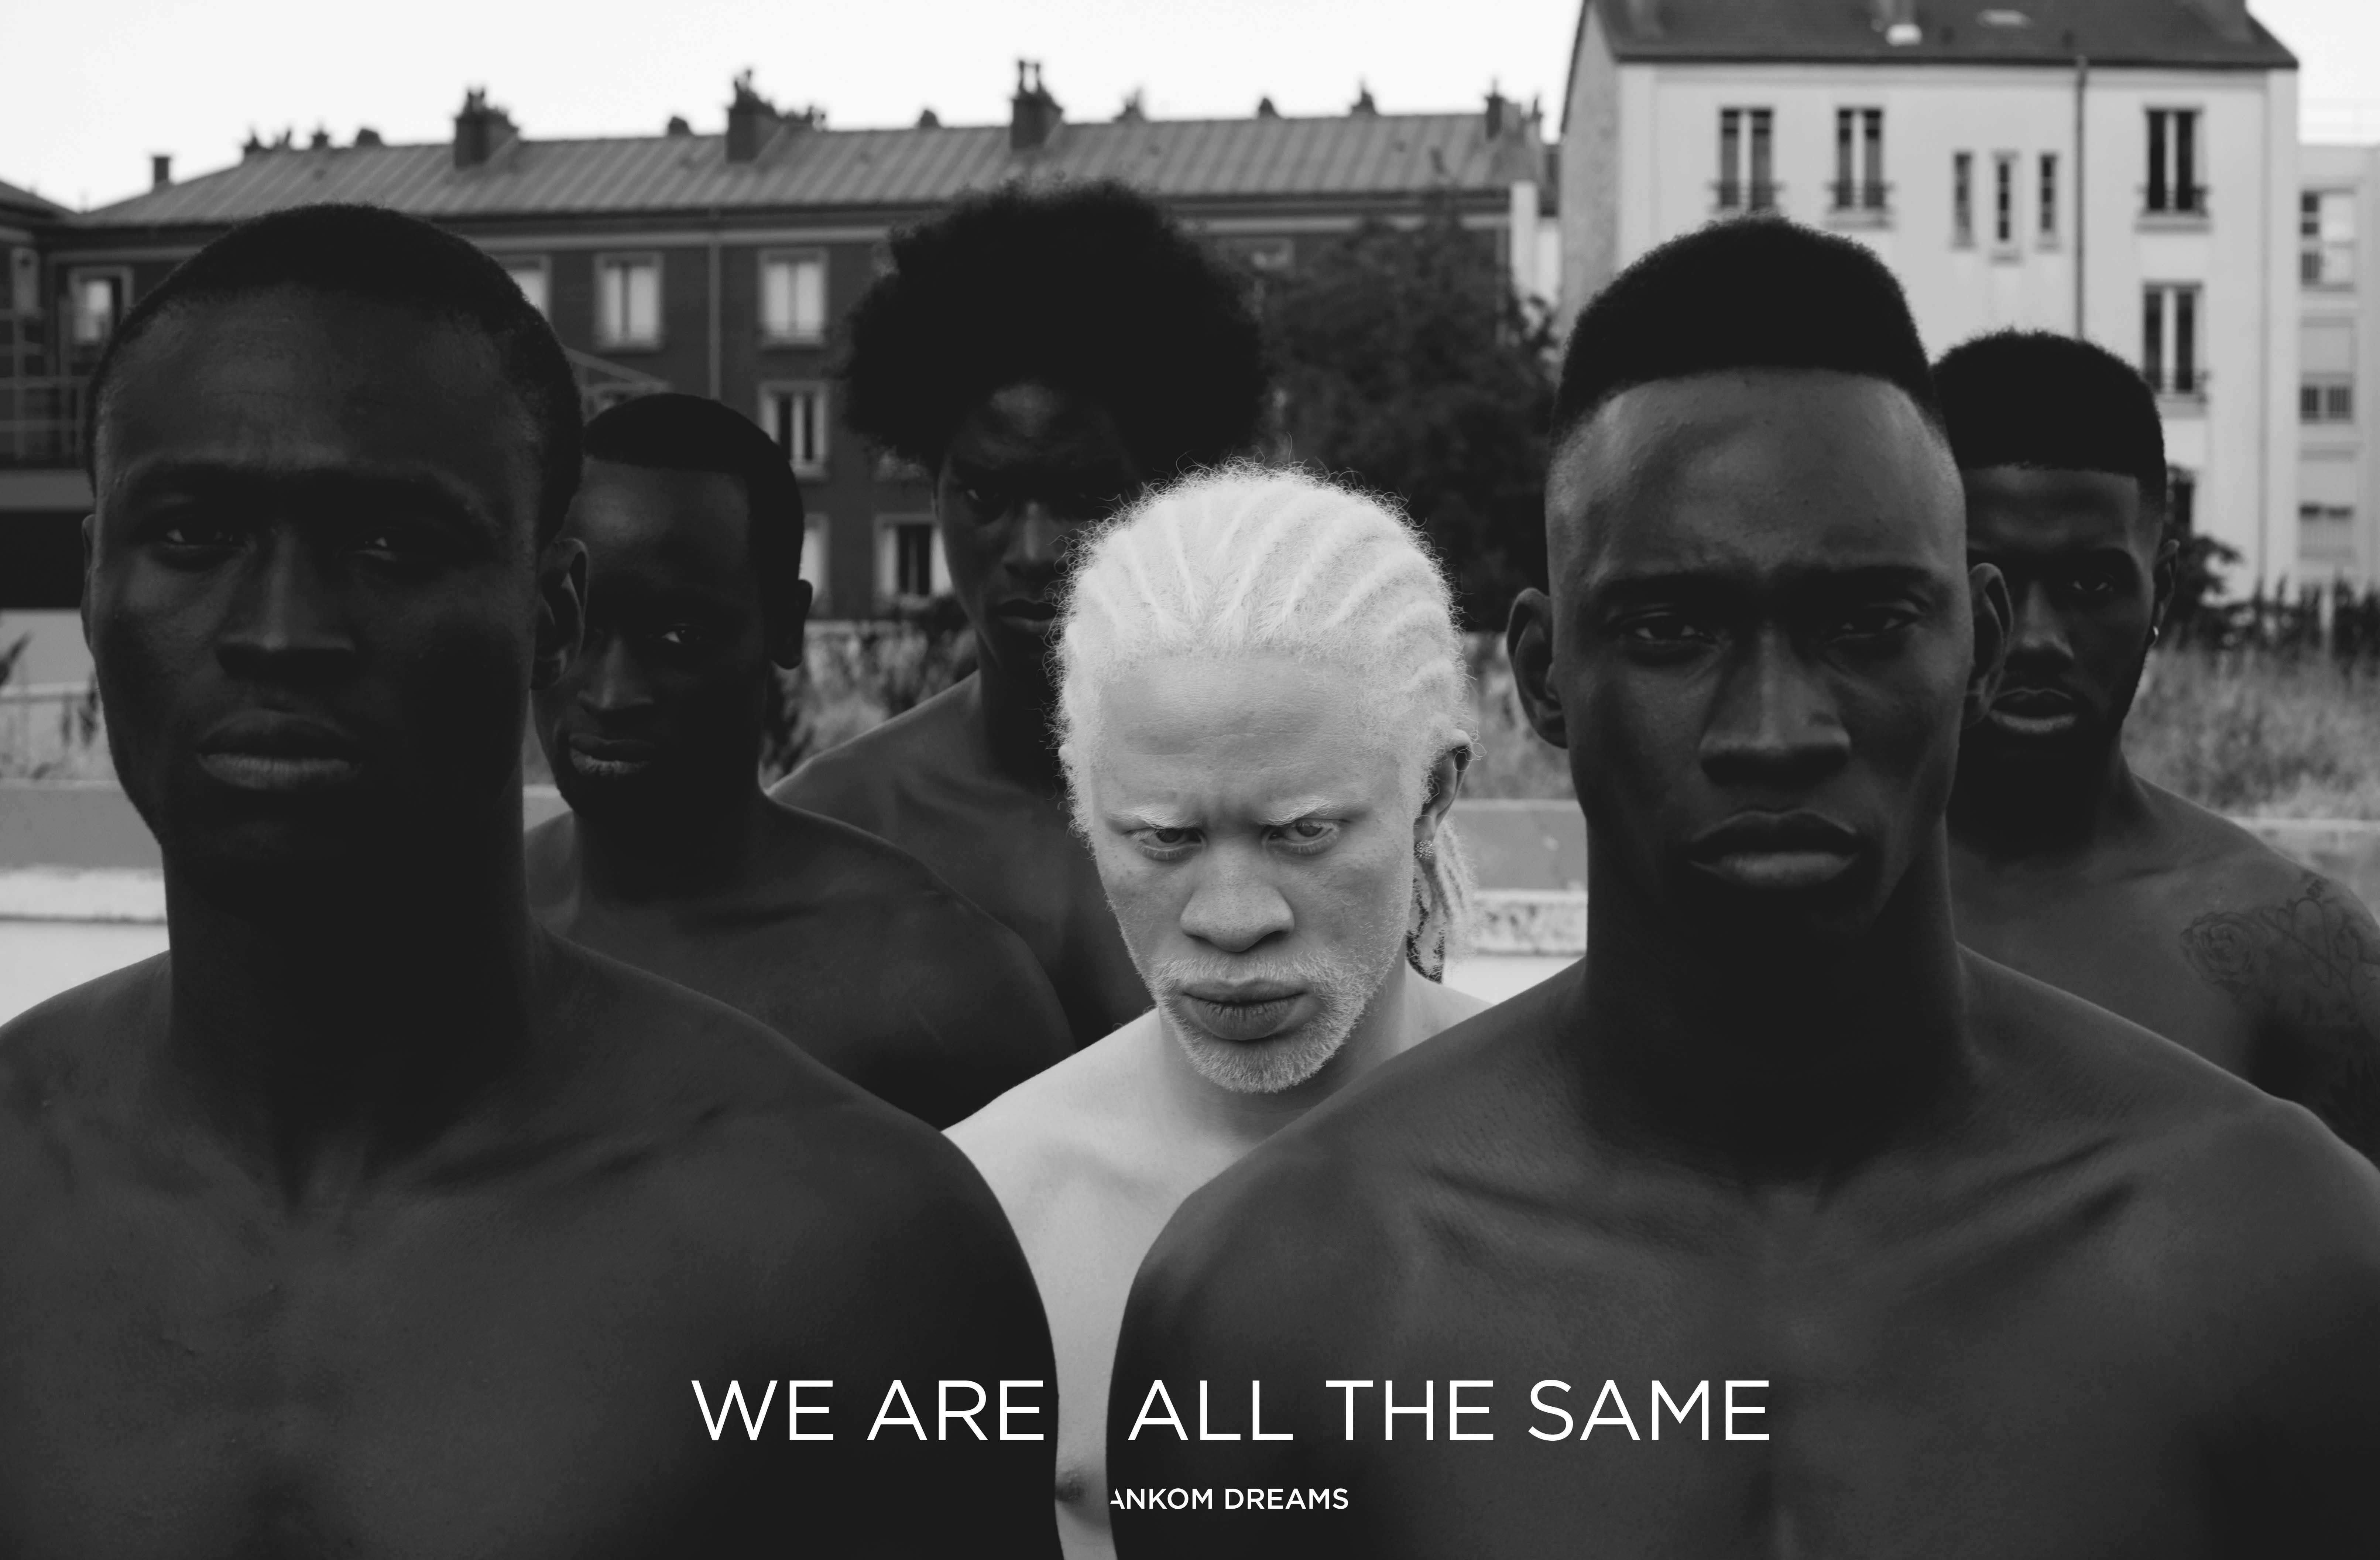 We-Are-All-The Same-Ankom-Dreams-Jewanda